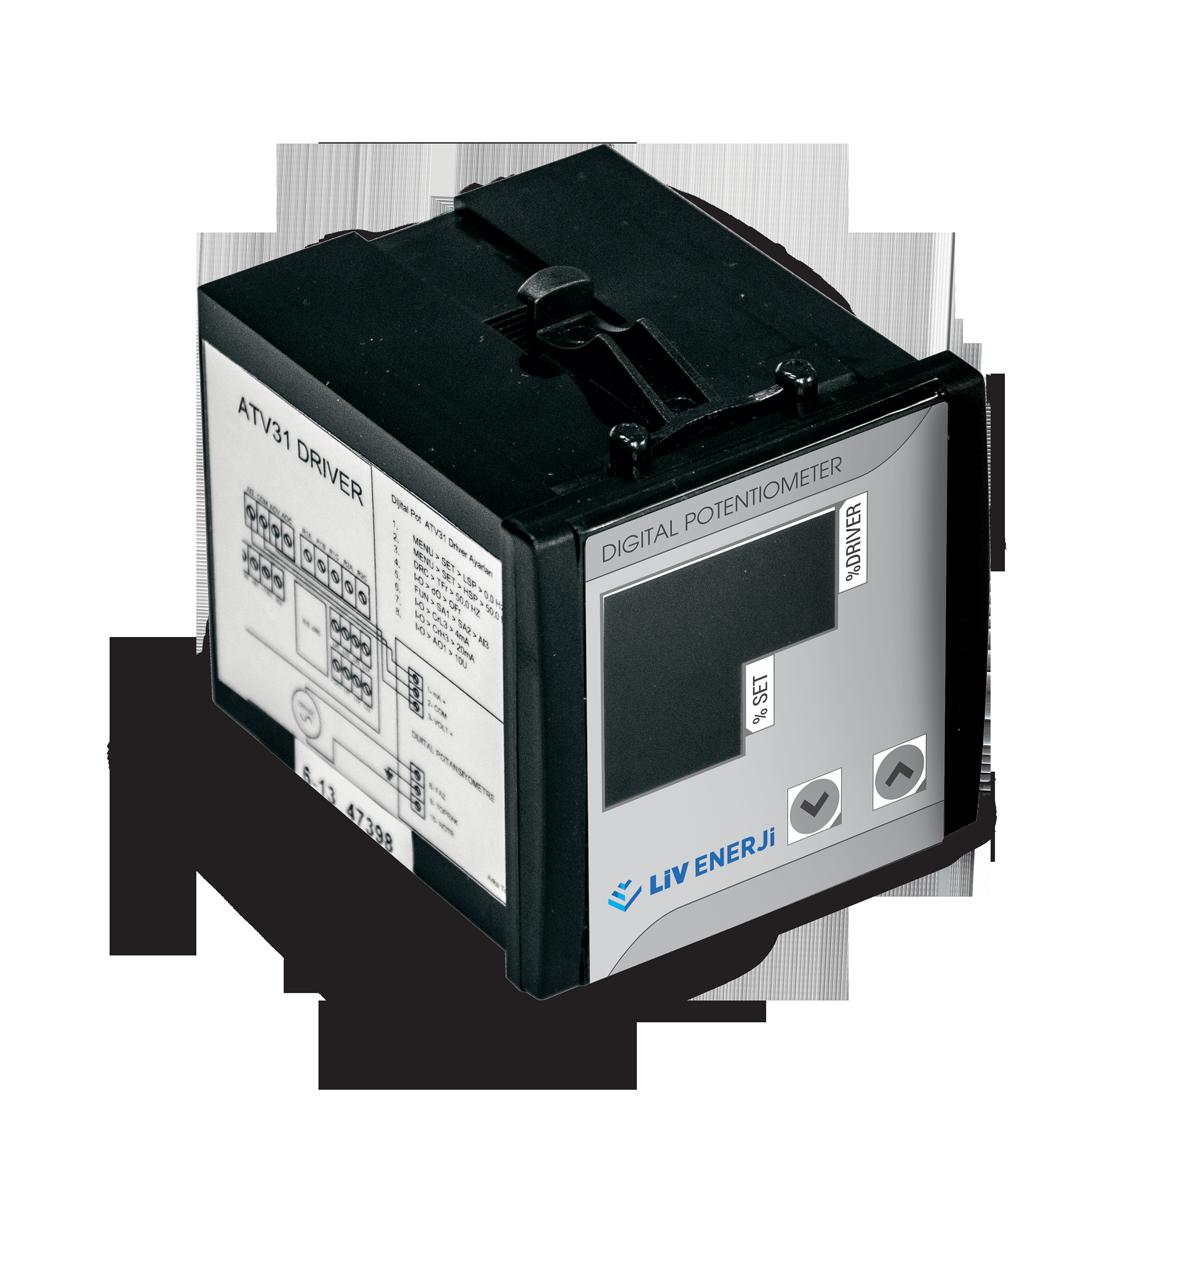 Çift Problu Kapasitif Sensör ve Analog Çeviricisi17